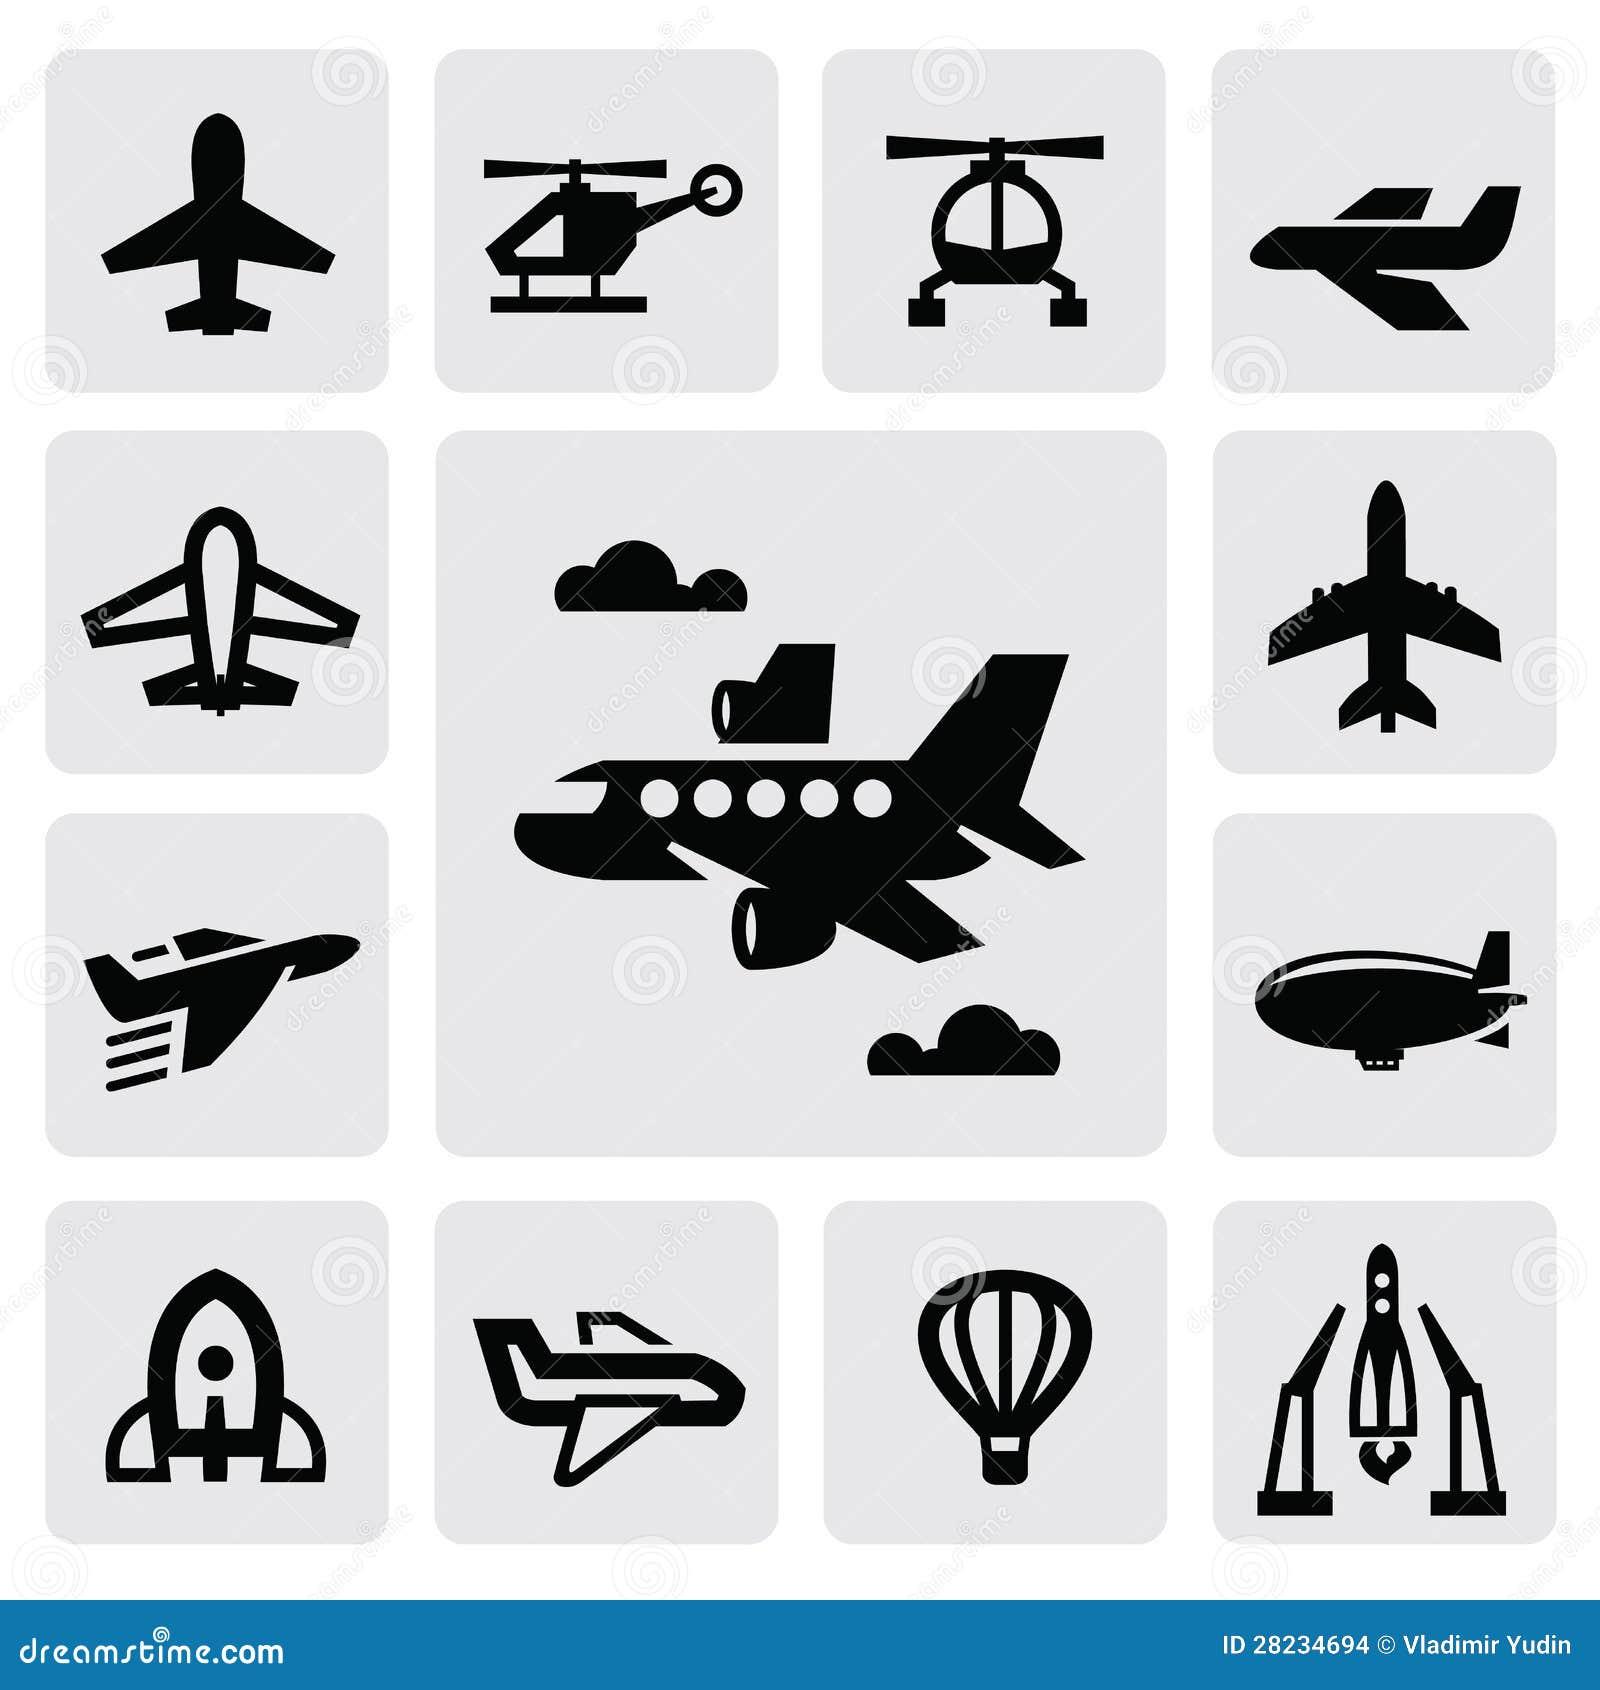 飞机图标 库存图片 - 图片